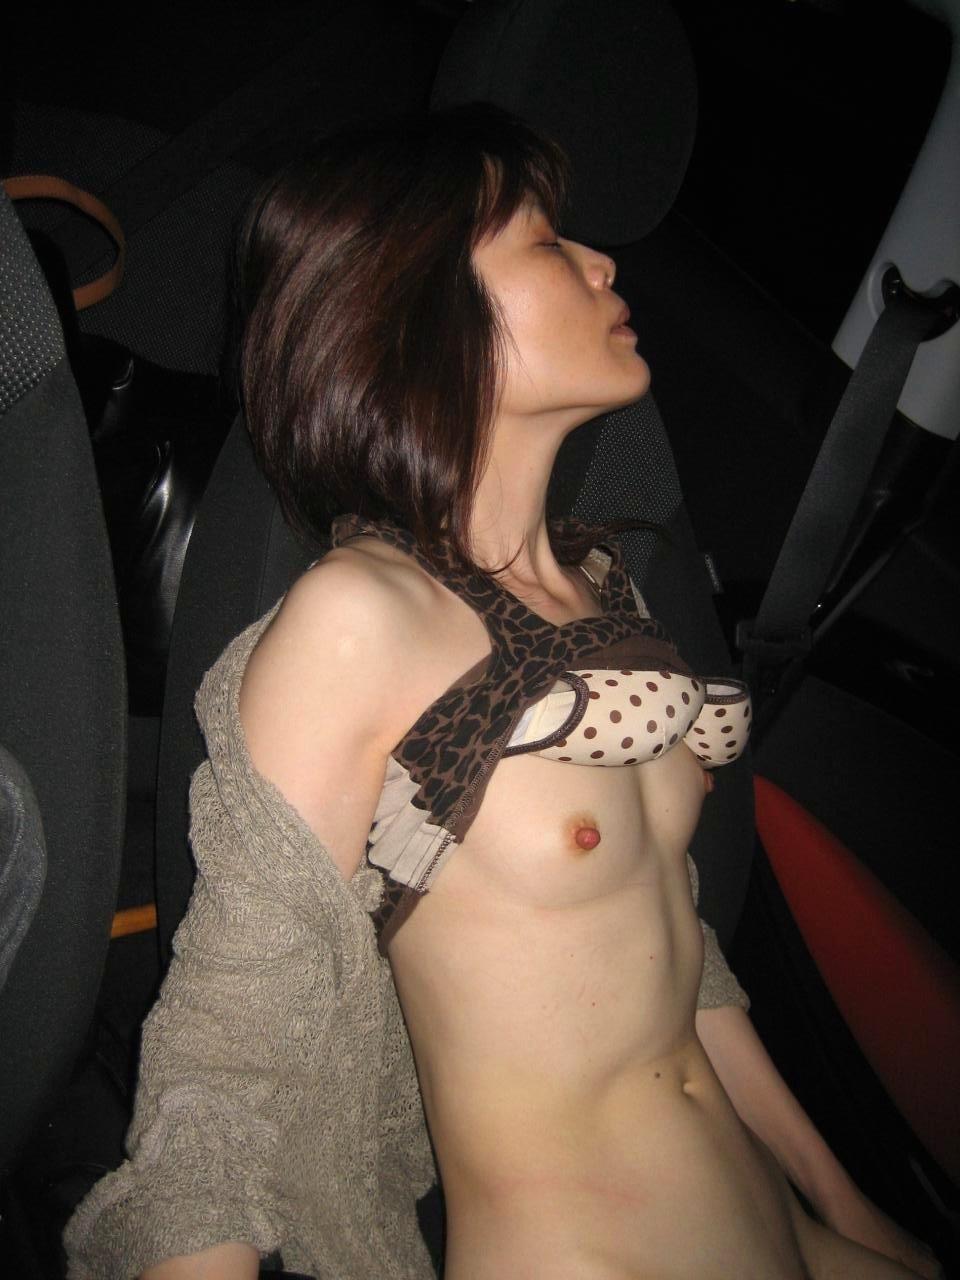 子持ち人妻のカーセックスが生々しくて抜けるエロ画像16枚・4枚目の画像